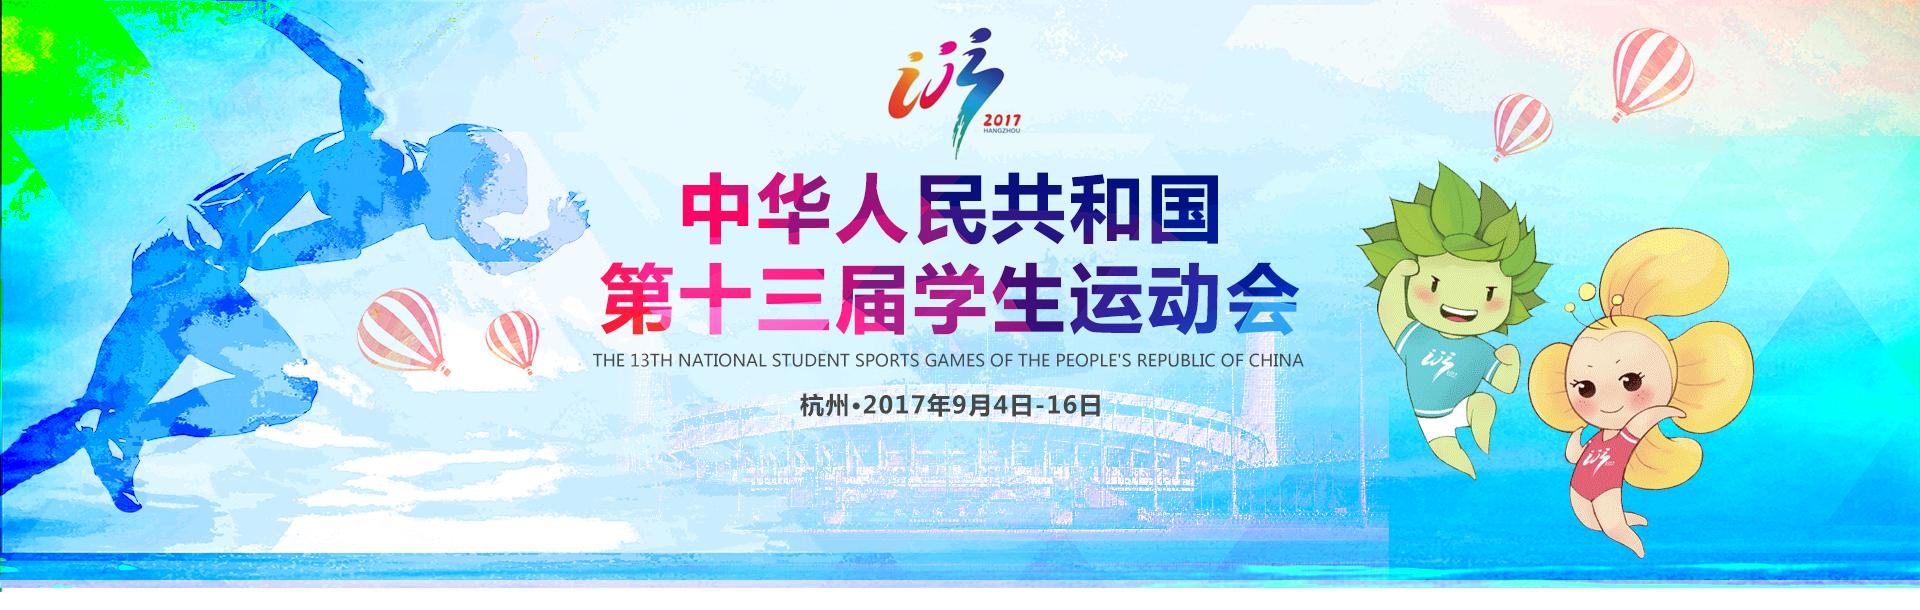 中华人民共和国第十三届学生运动会